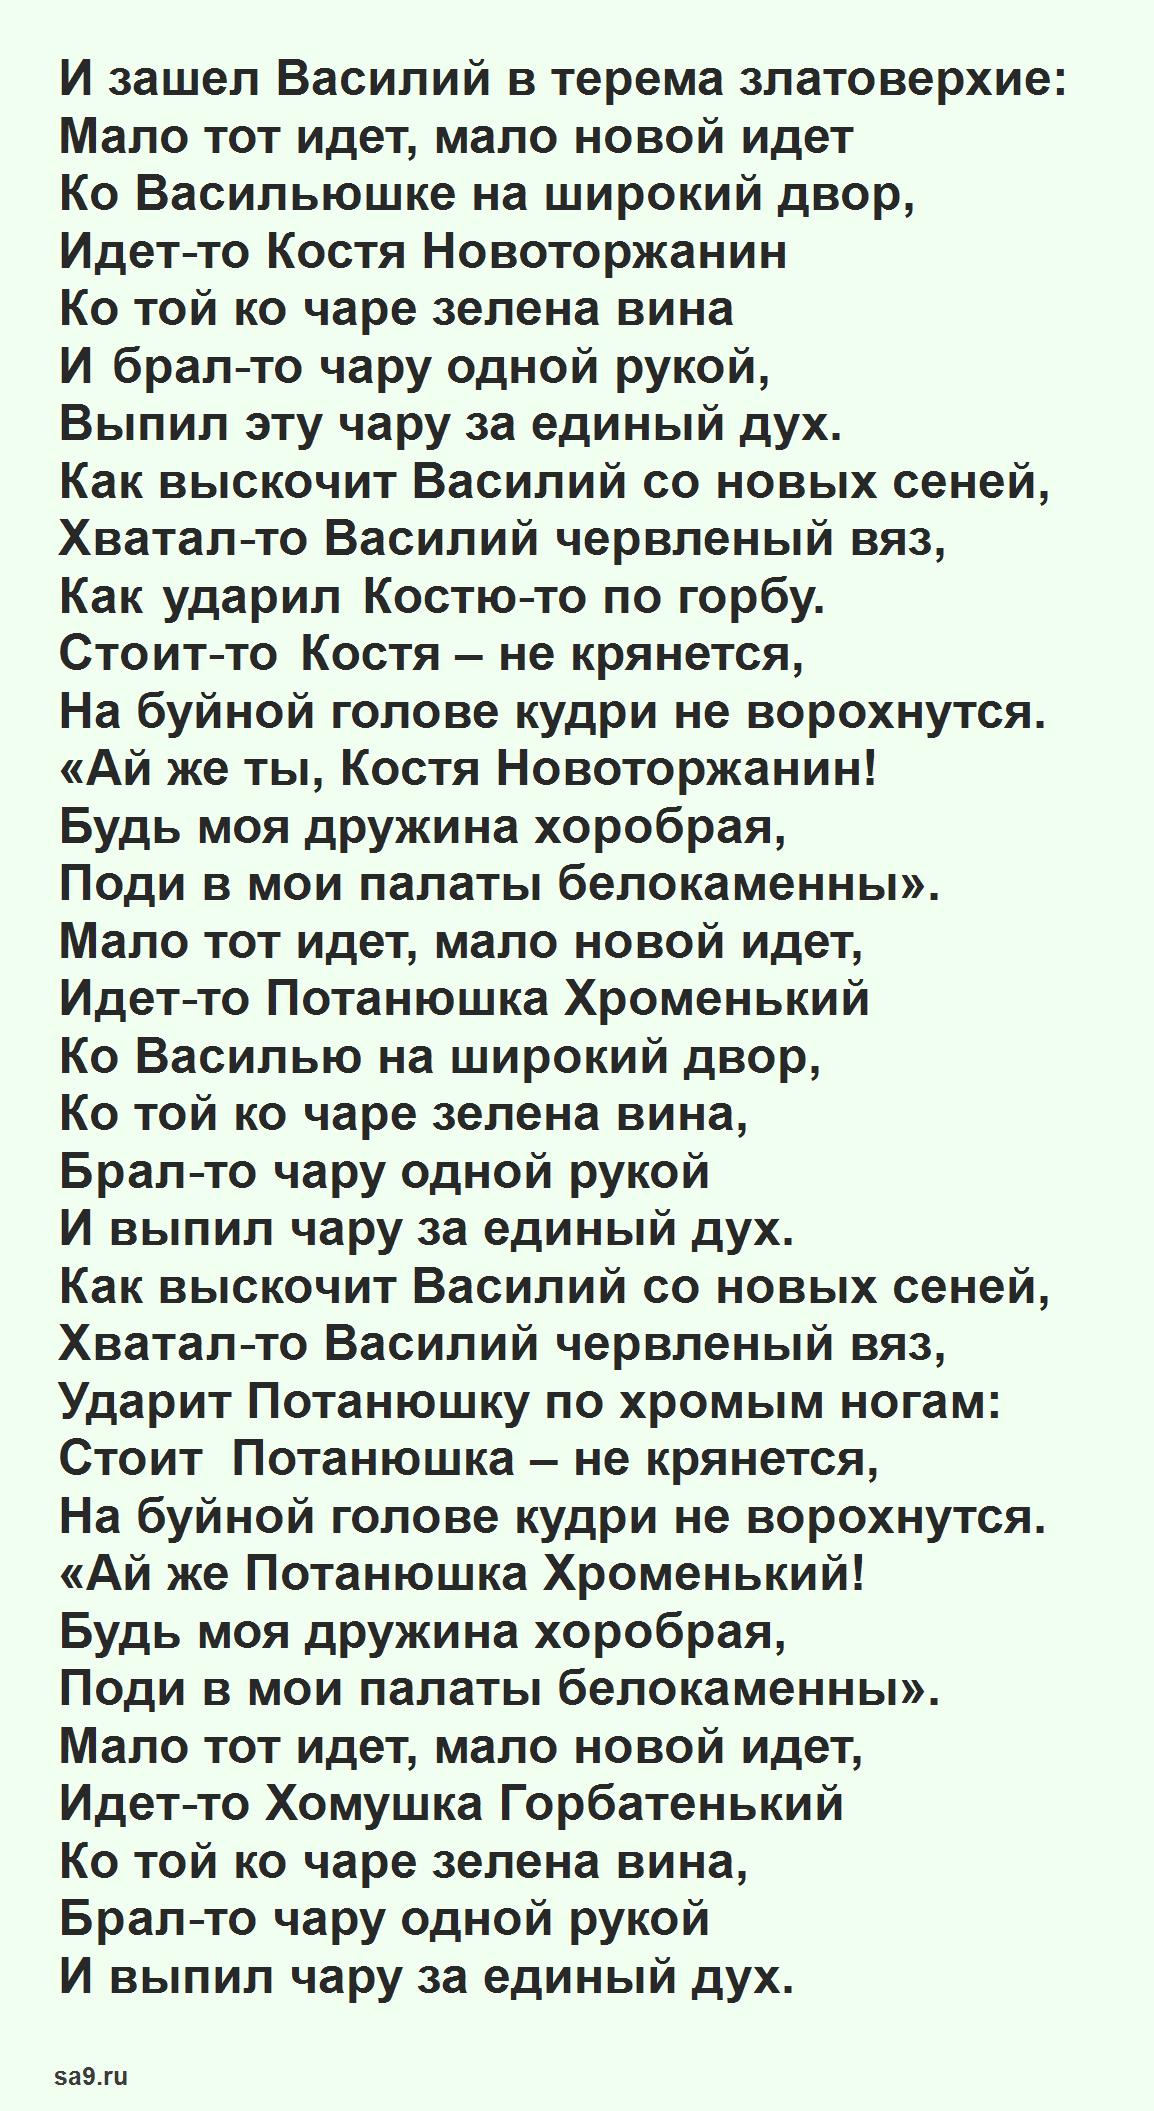 Читать былину - Василий Буслаев и Новгородцы, полностью